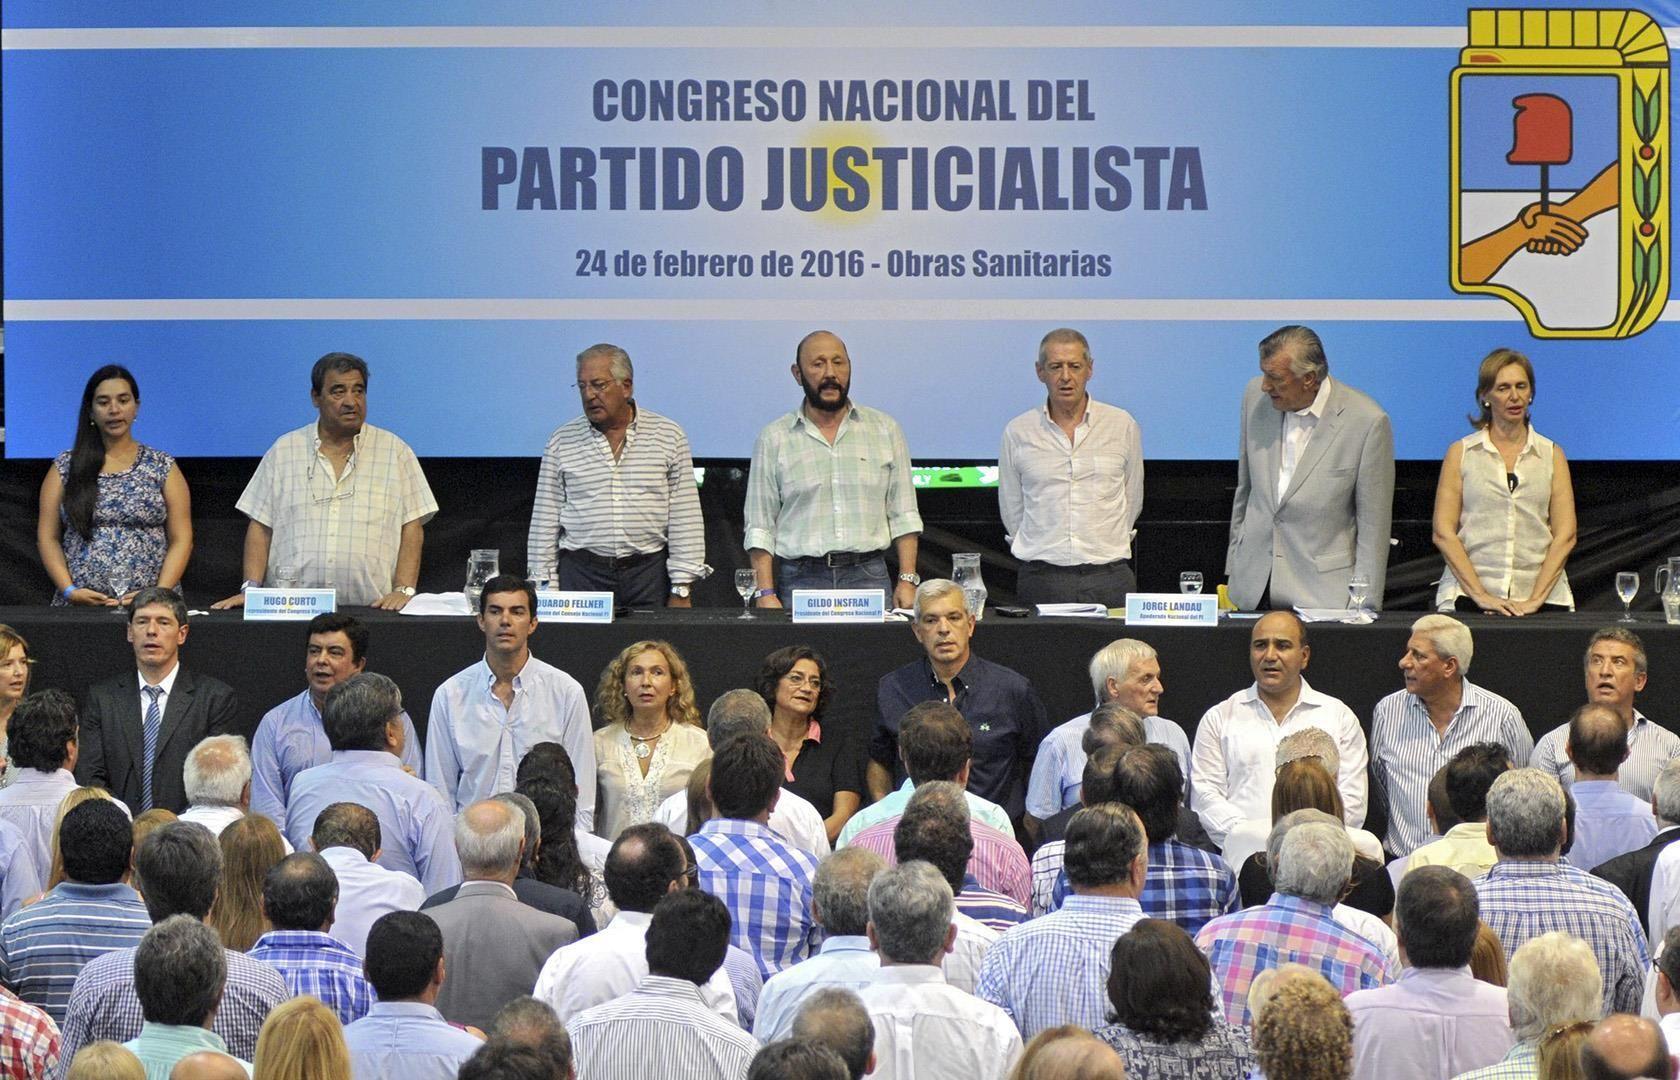 Juan Manuel Urtubey participó del Congreso Nacional del Partido Justicialista que confirmó las elecciones internas partidarias para el próximo 8 de mayo.